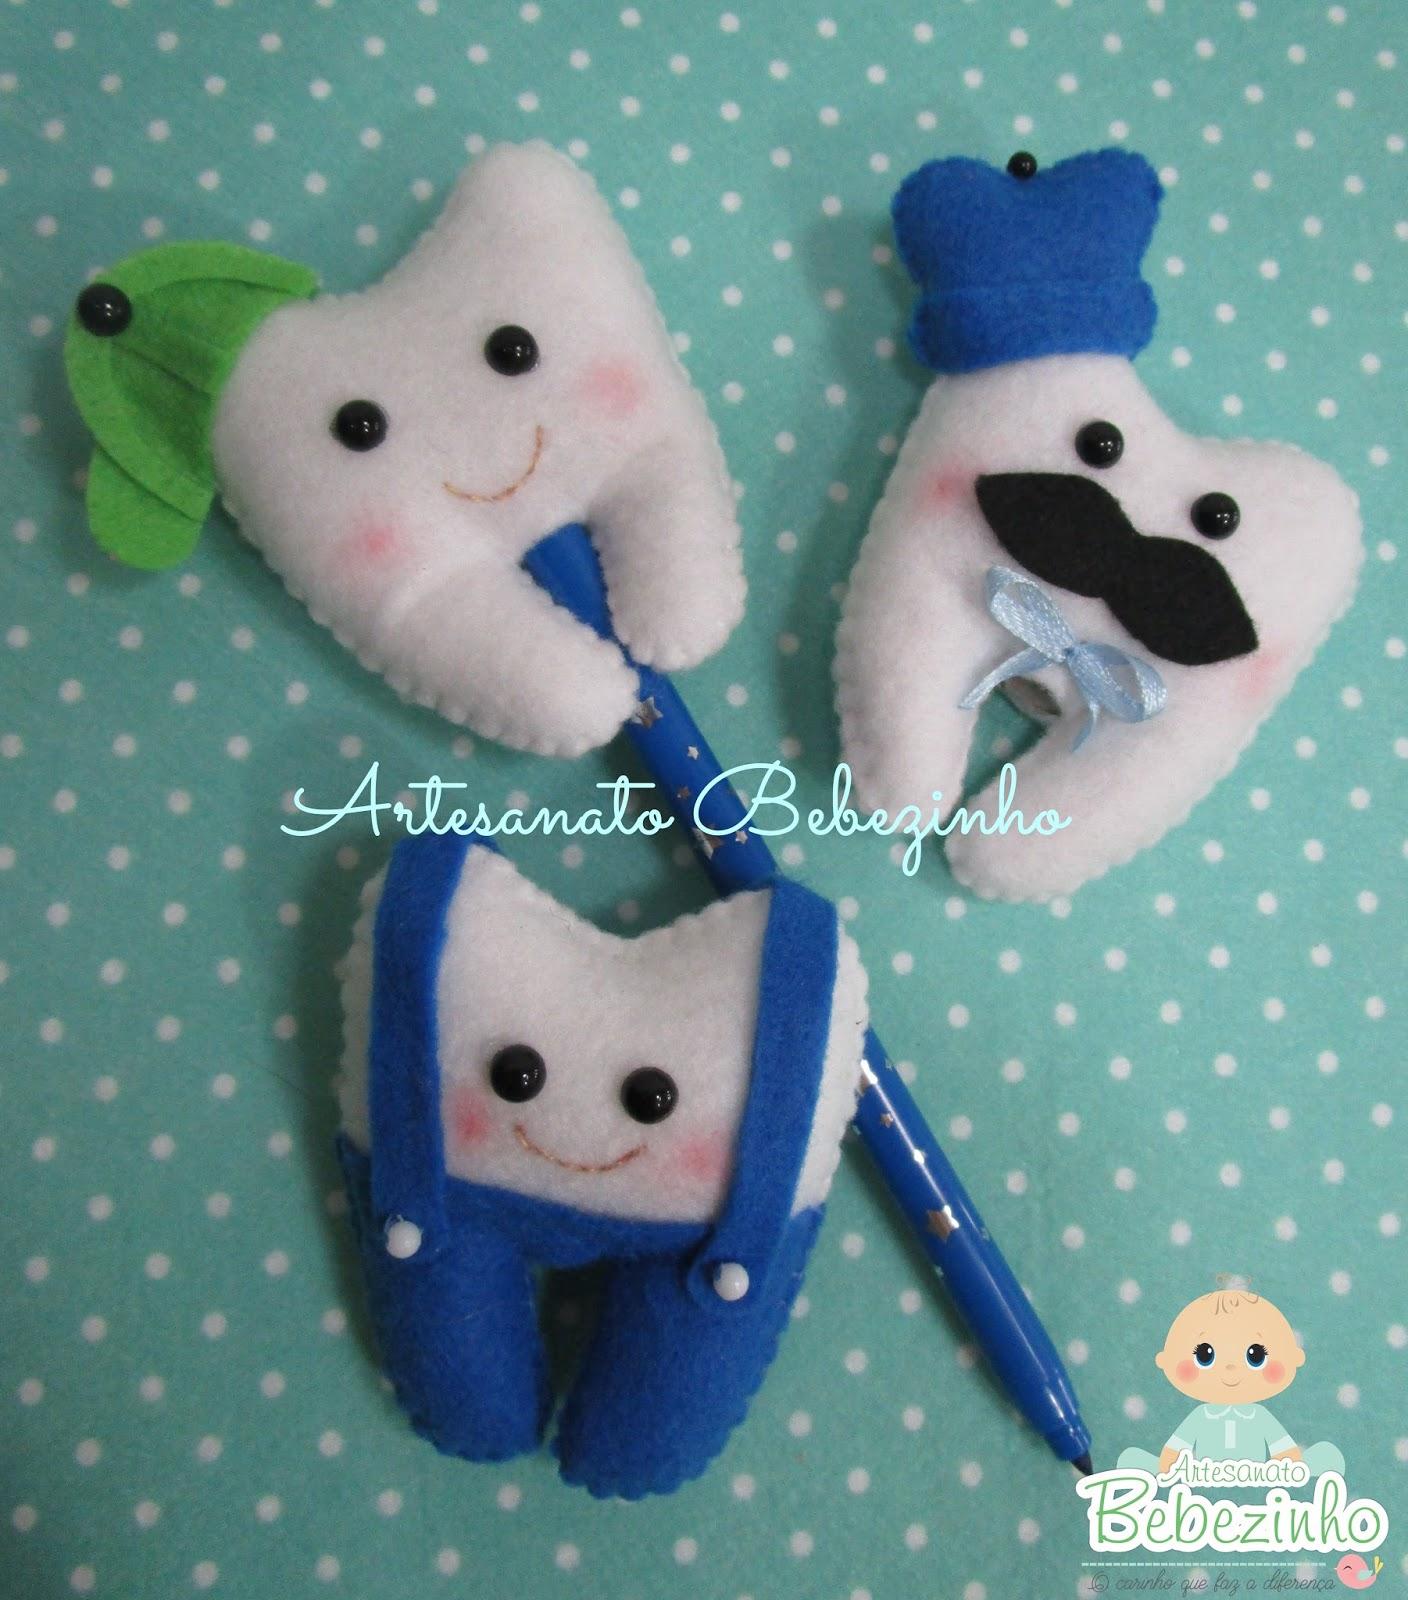 bb6a834336 Esses são meus primeiros dentinhos de feltro. São ponteiras para lápis e  são removíveis. 12 dentinhos um diferente do outro. Com 7cm cada um